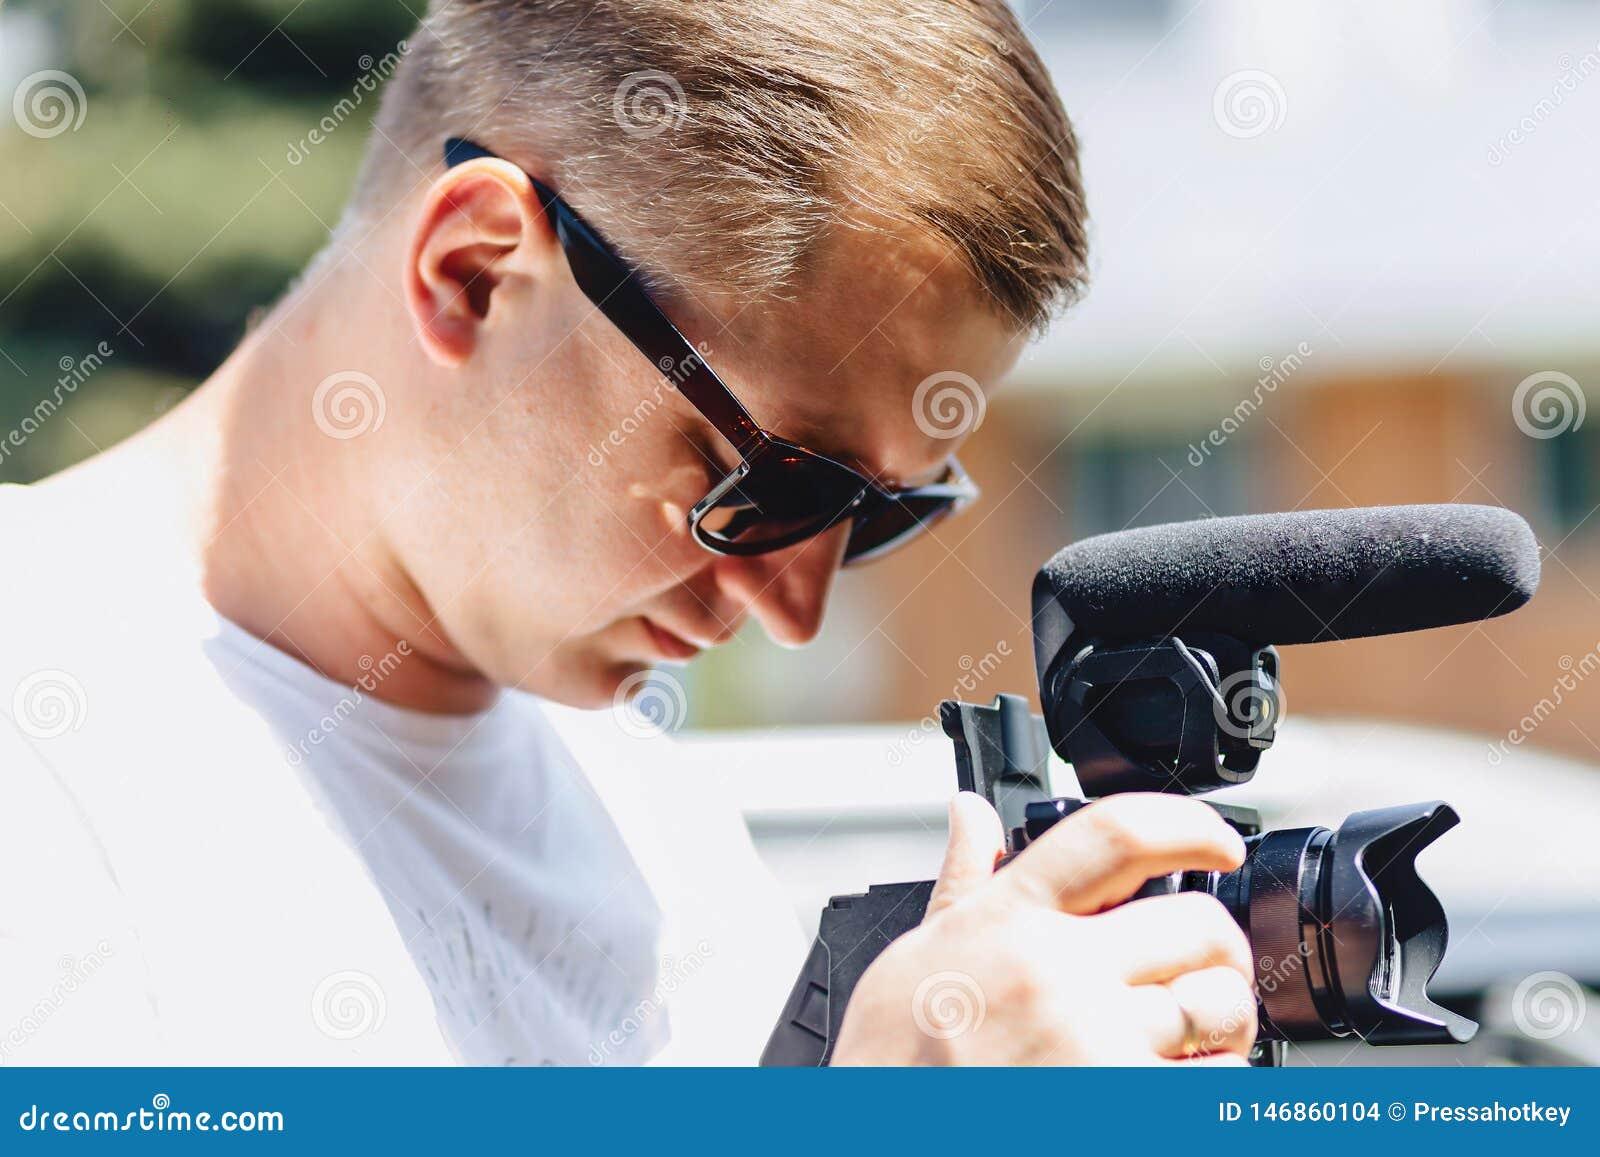 Καμεραμάν με μια κάμερα σε έναν μονο-λοβό